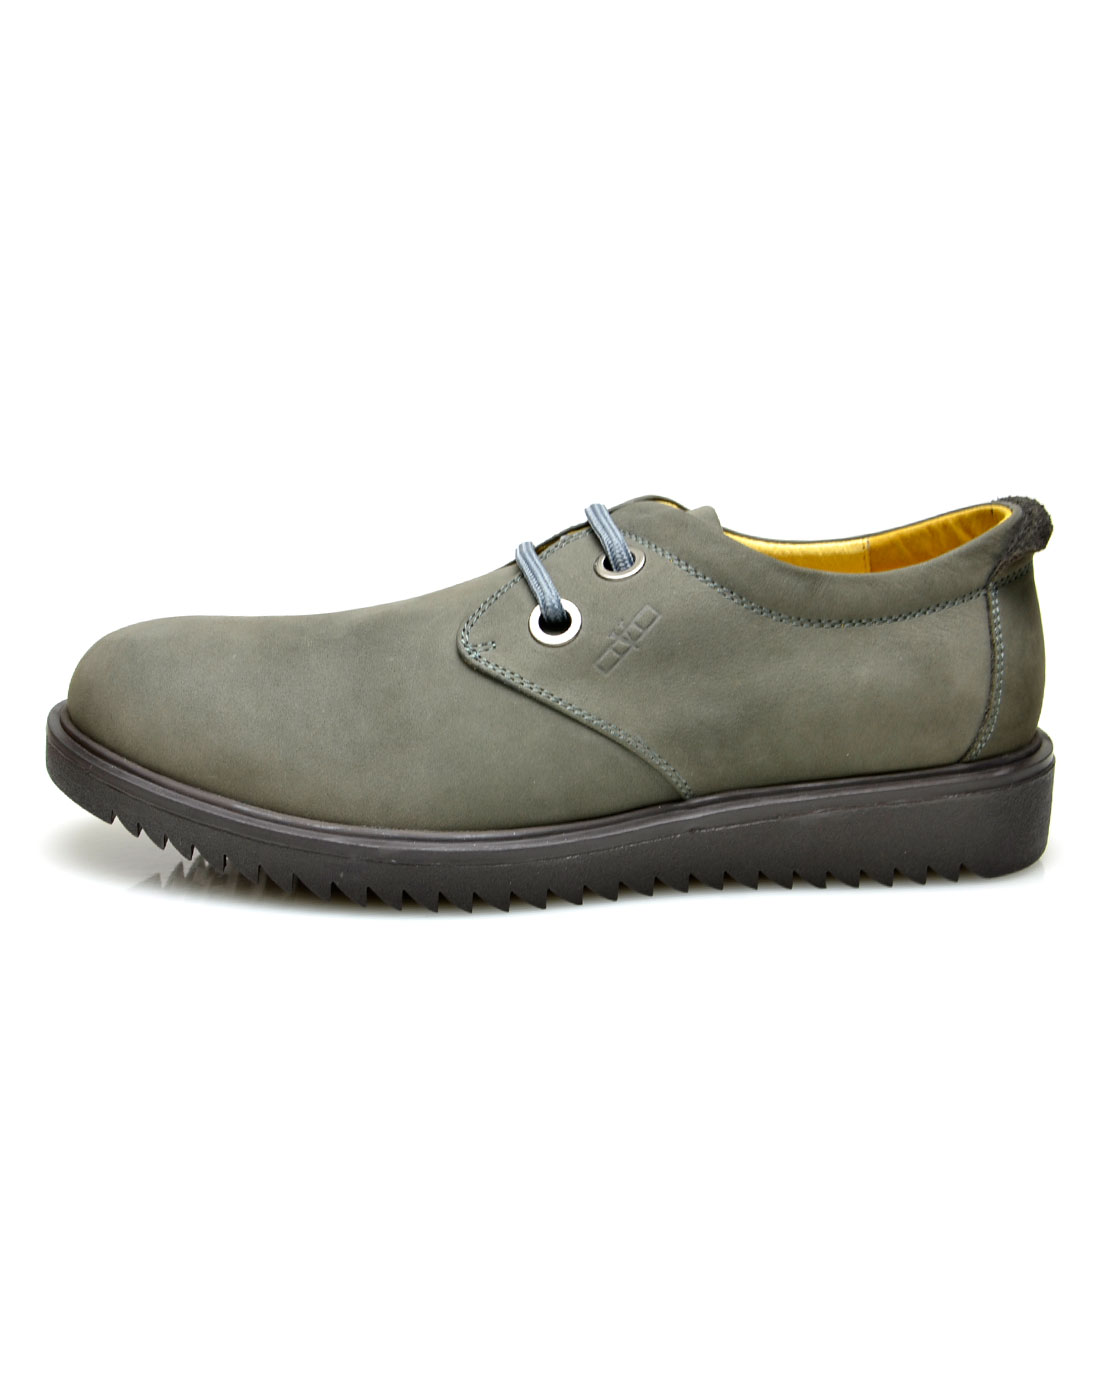 coupeau灰色系带休闲鞋2313224